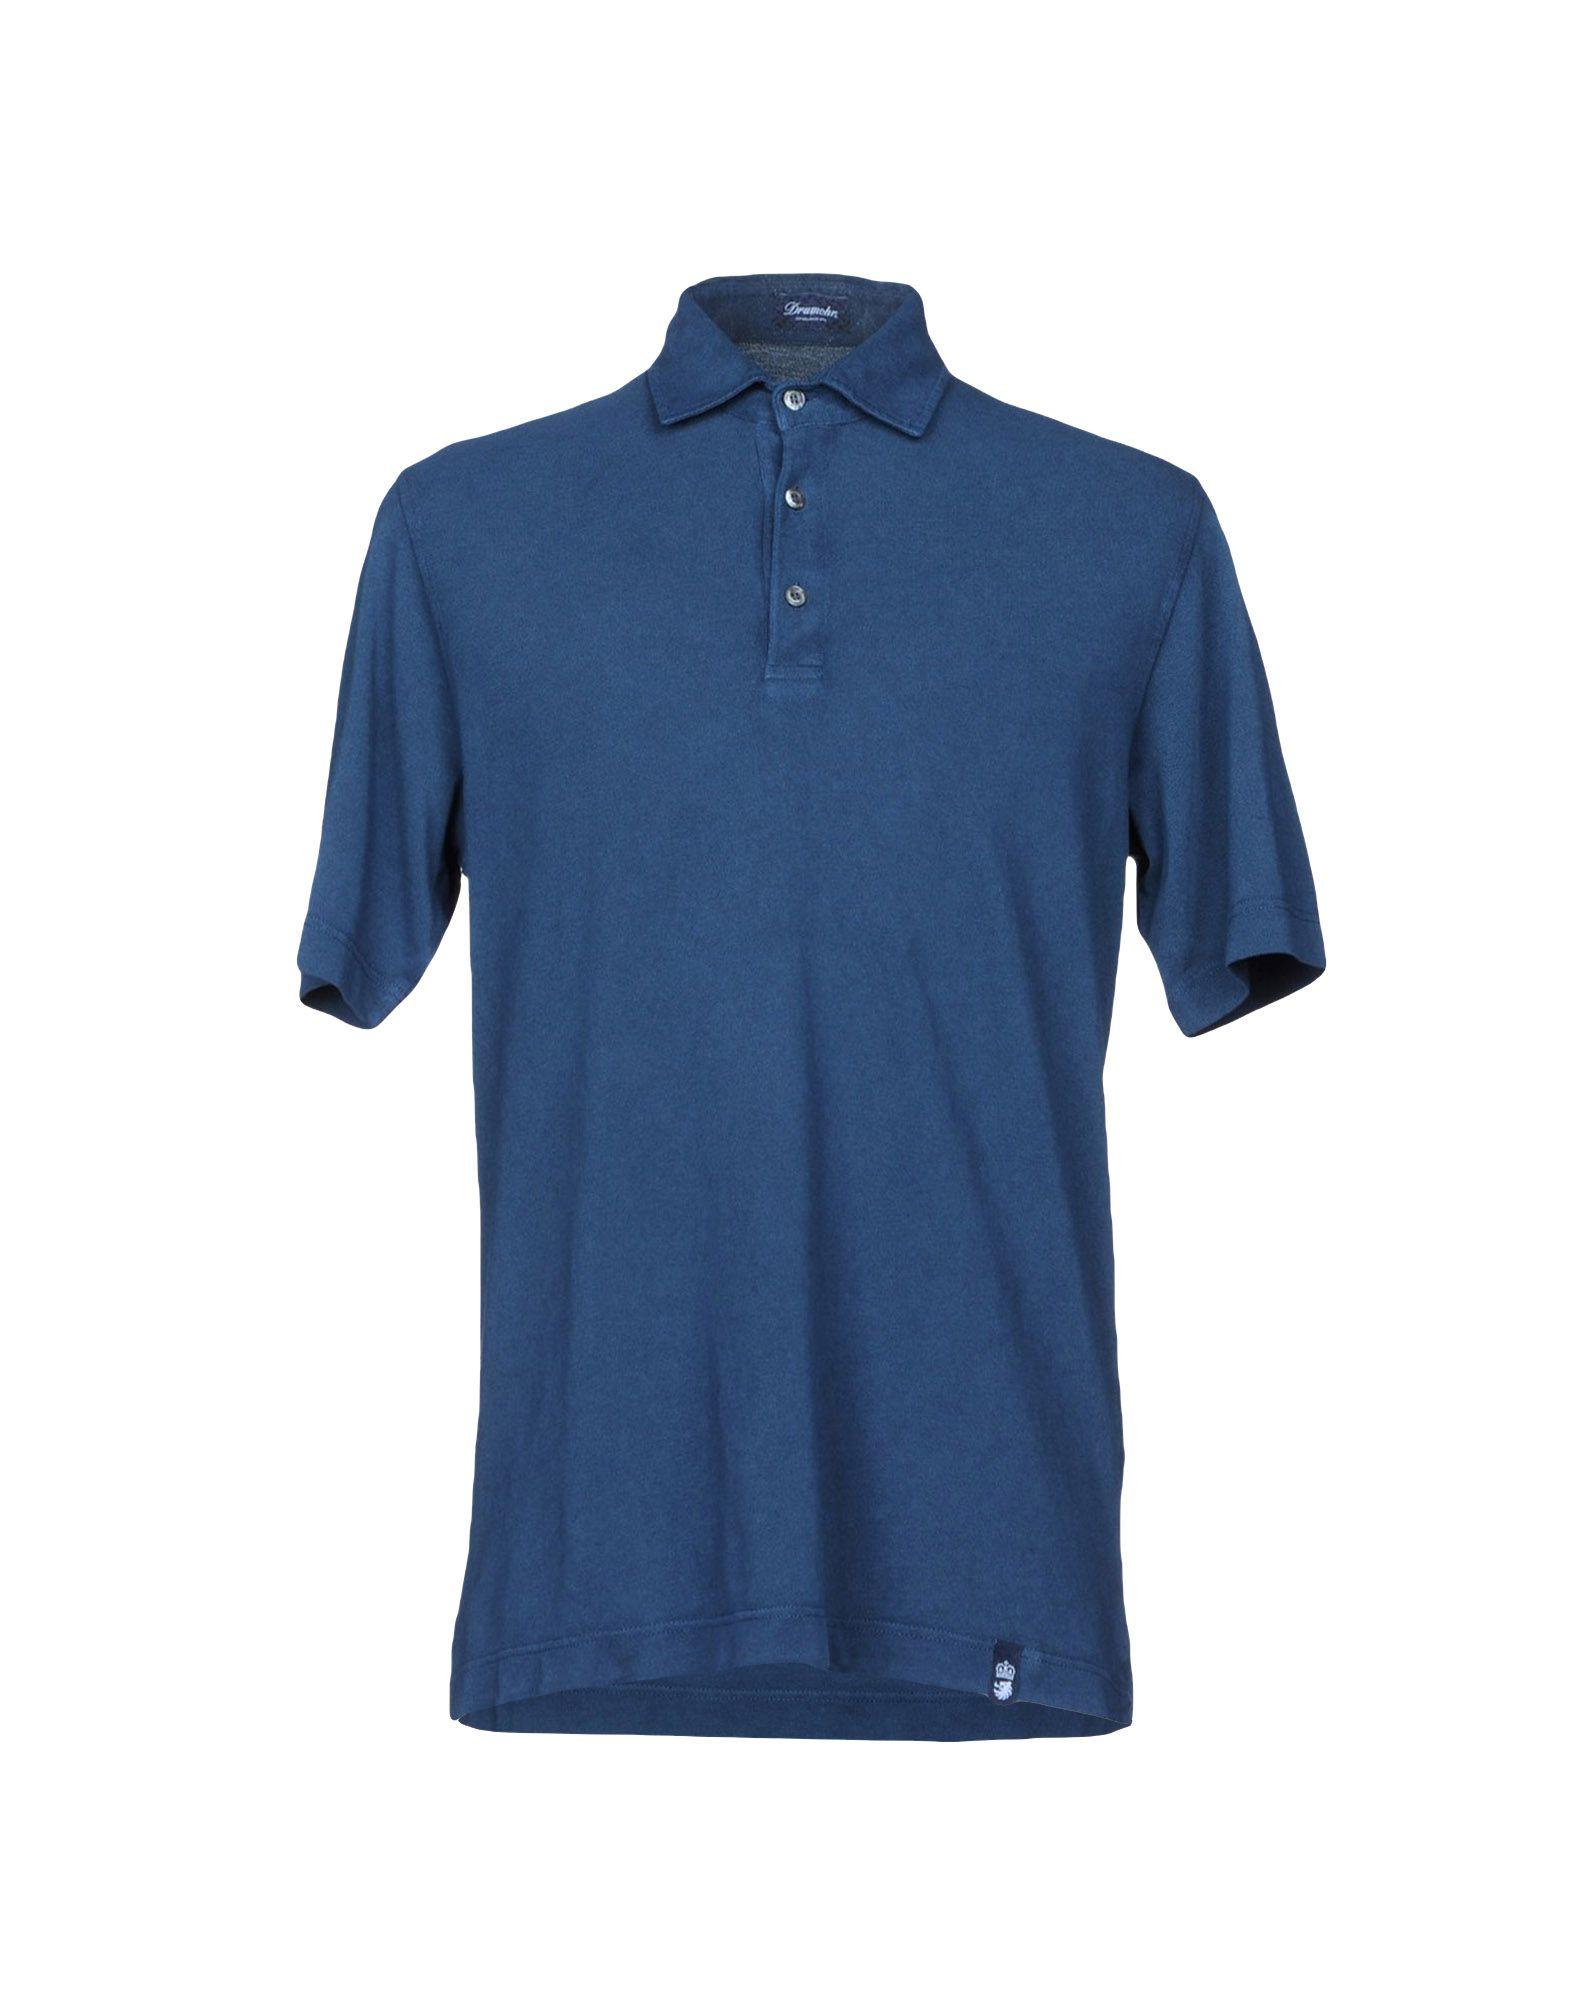 《送料無料》DRUMOHR メンズ ポロシャツ ブルー XS コットン 100%